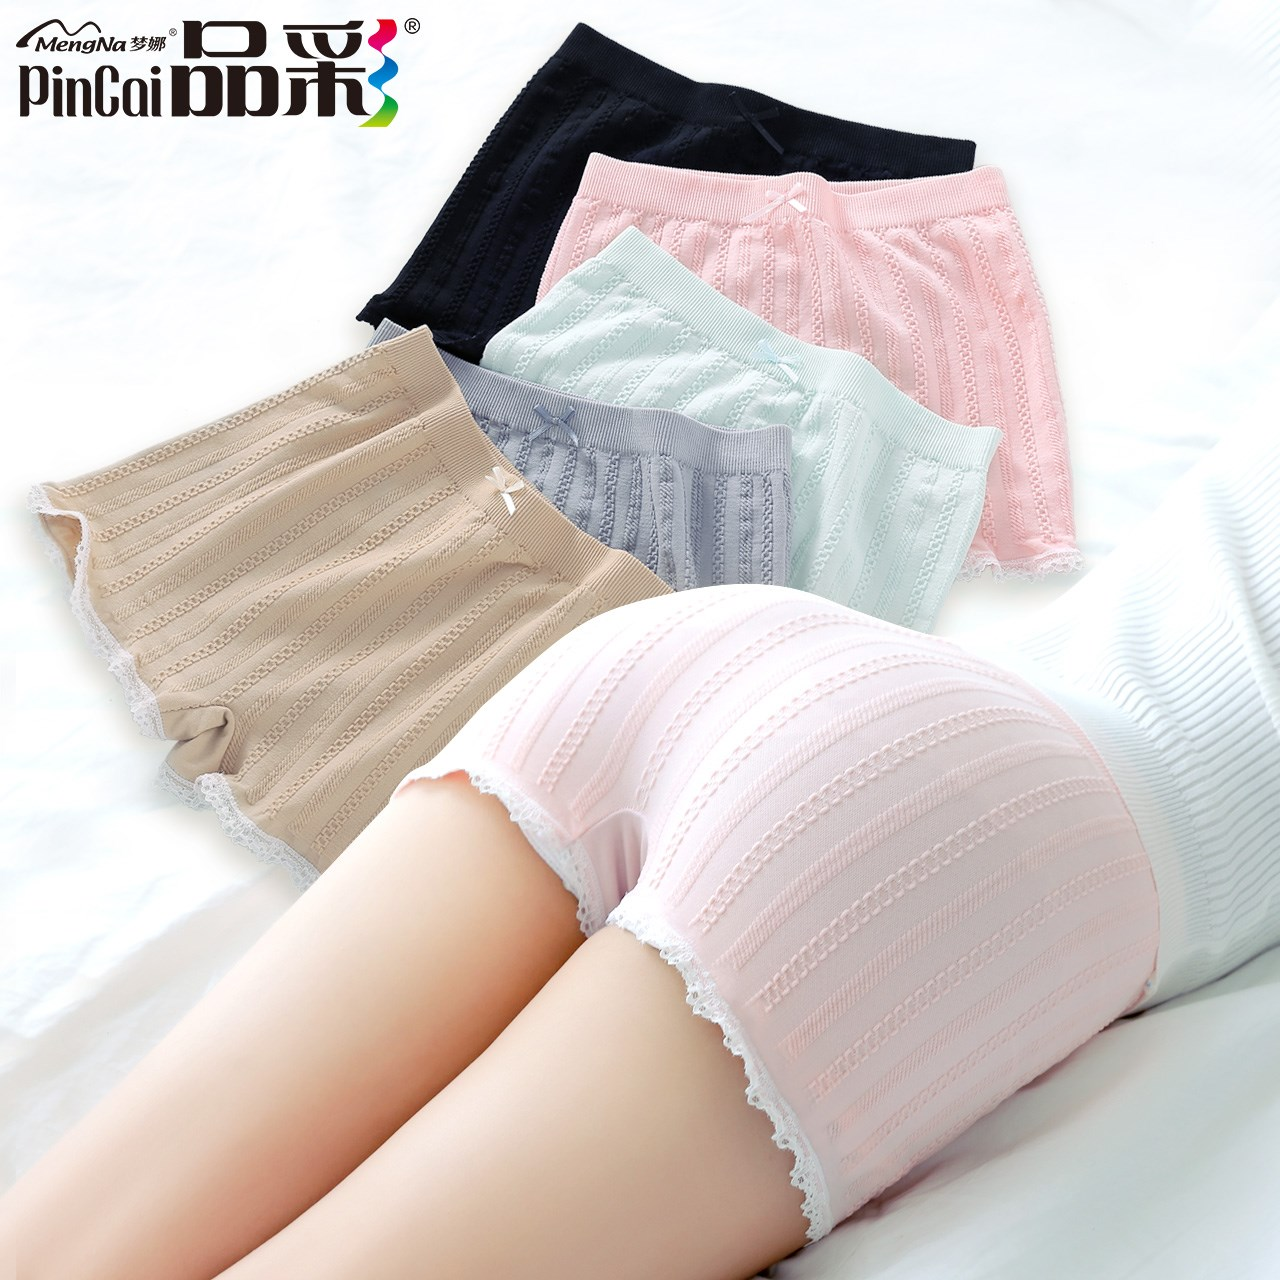 超高品质蕾丝边防走光安全裤2条装